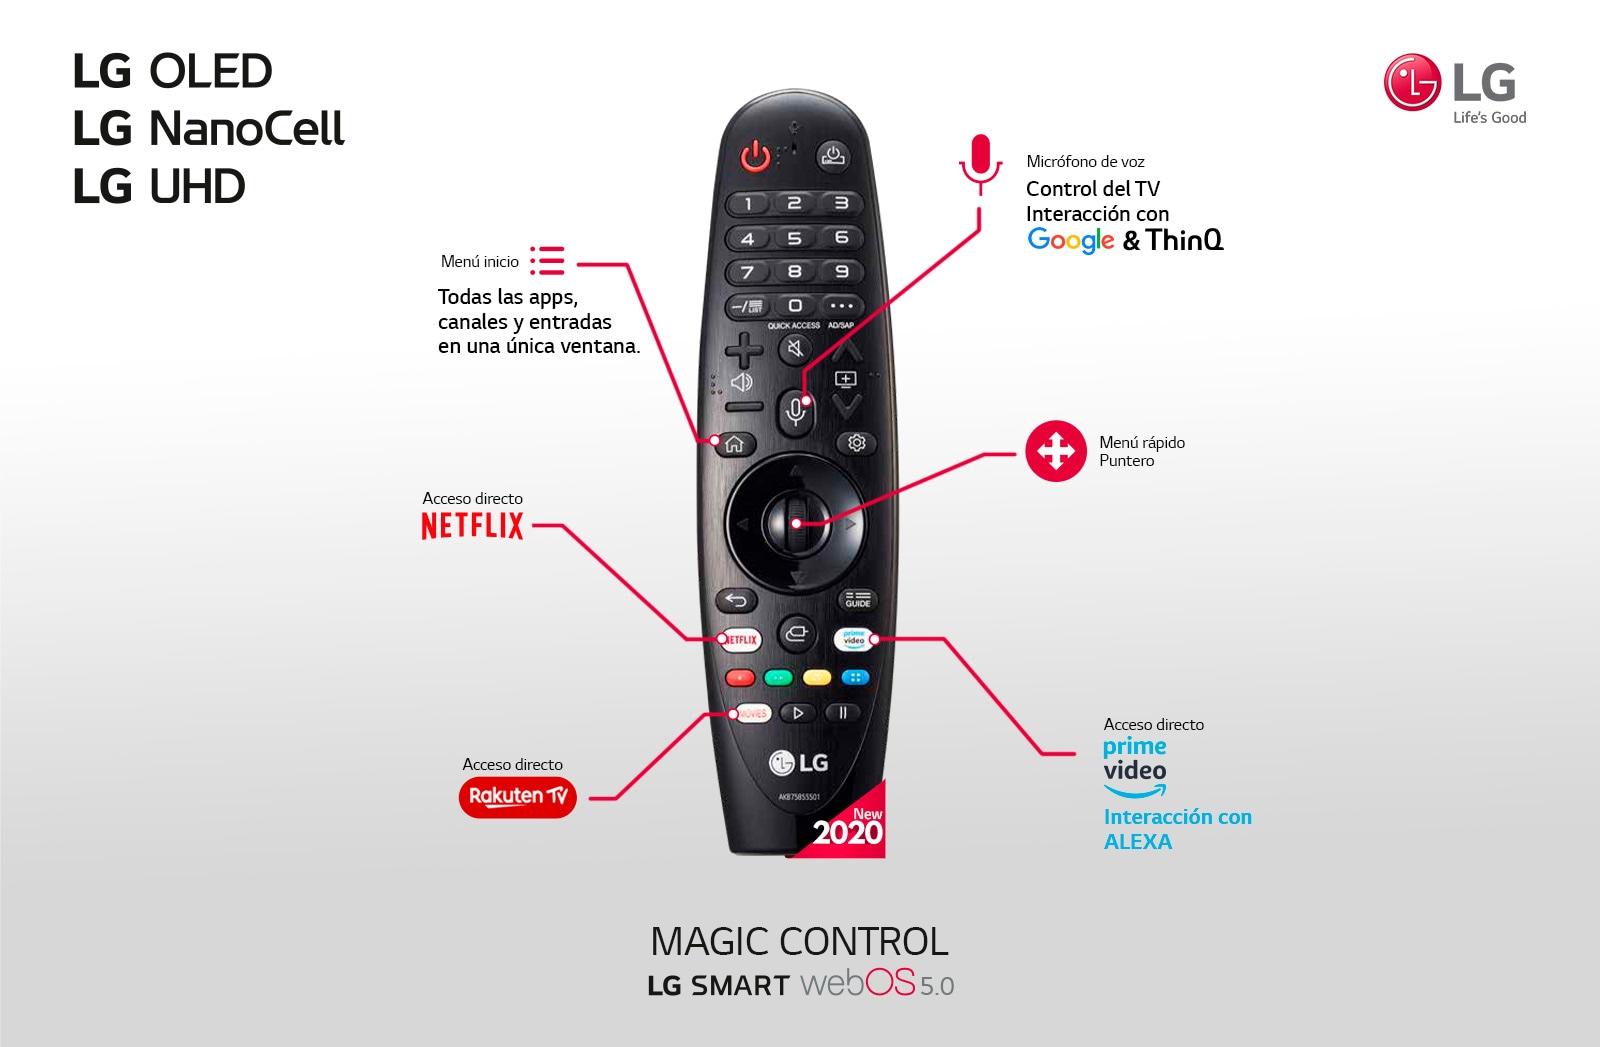 nano806na_LG_Magic_Control_Desktop